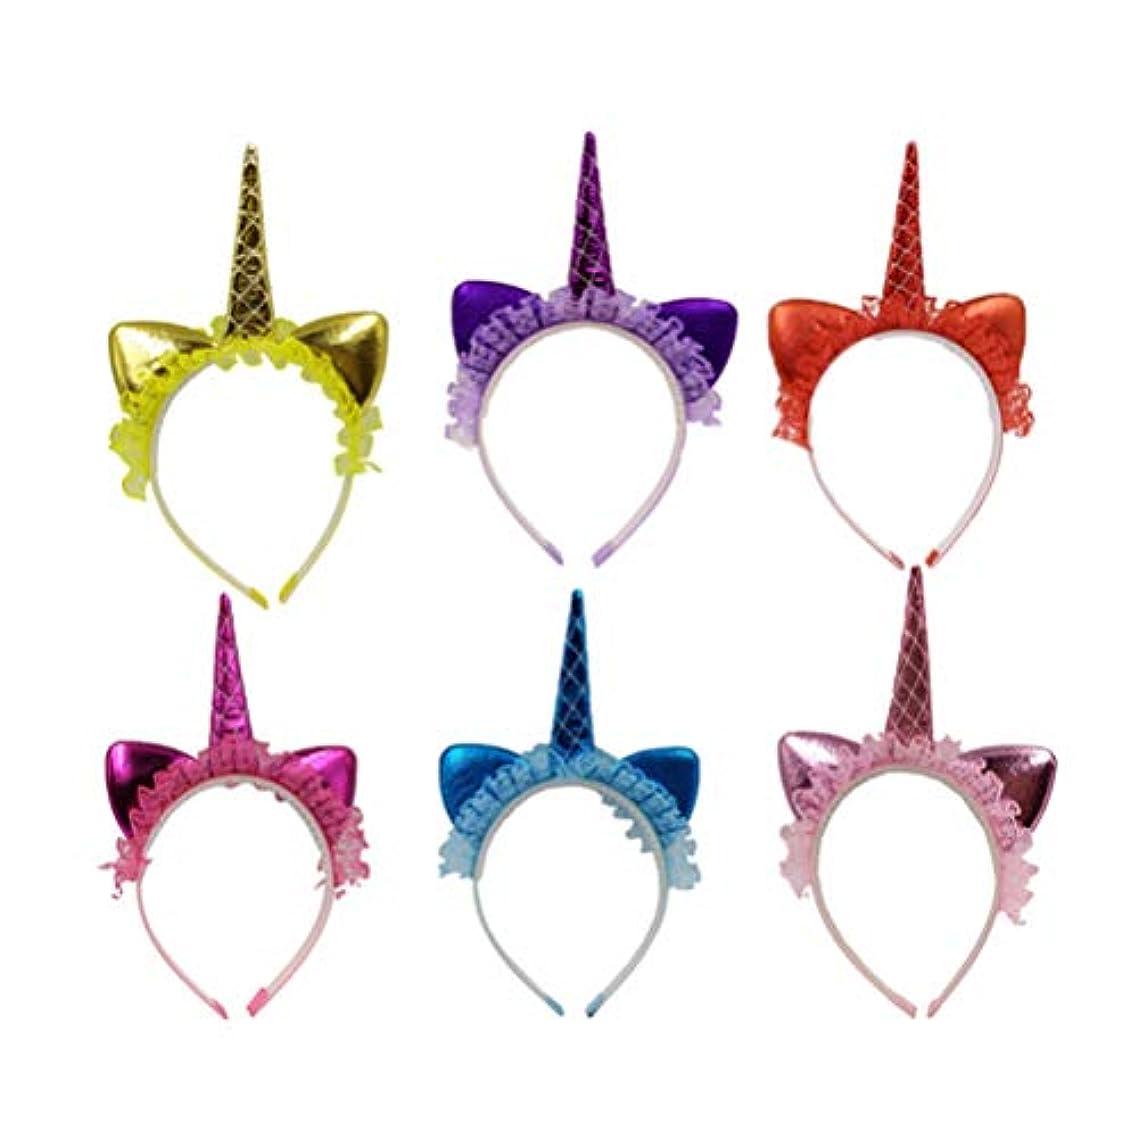 夕食を食べるふける合計NUOBESTY 6PCS女の子女性子供パフォーマンスのコスプレ衣装パーティーのためのユニコーンヘッドバンドのレースの花のホーンヘアフープヘッドピースの頭飾り